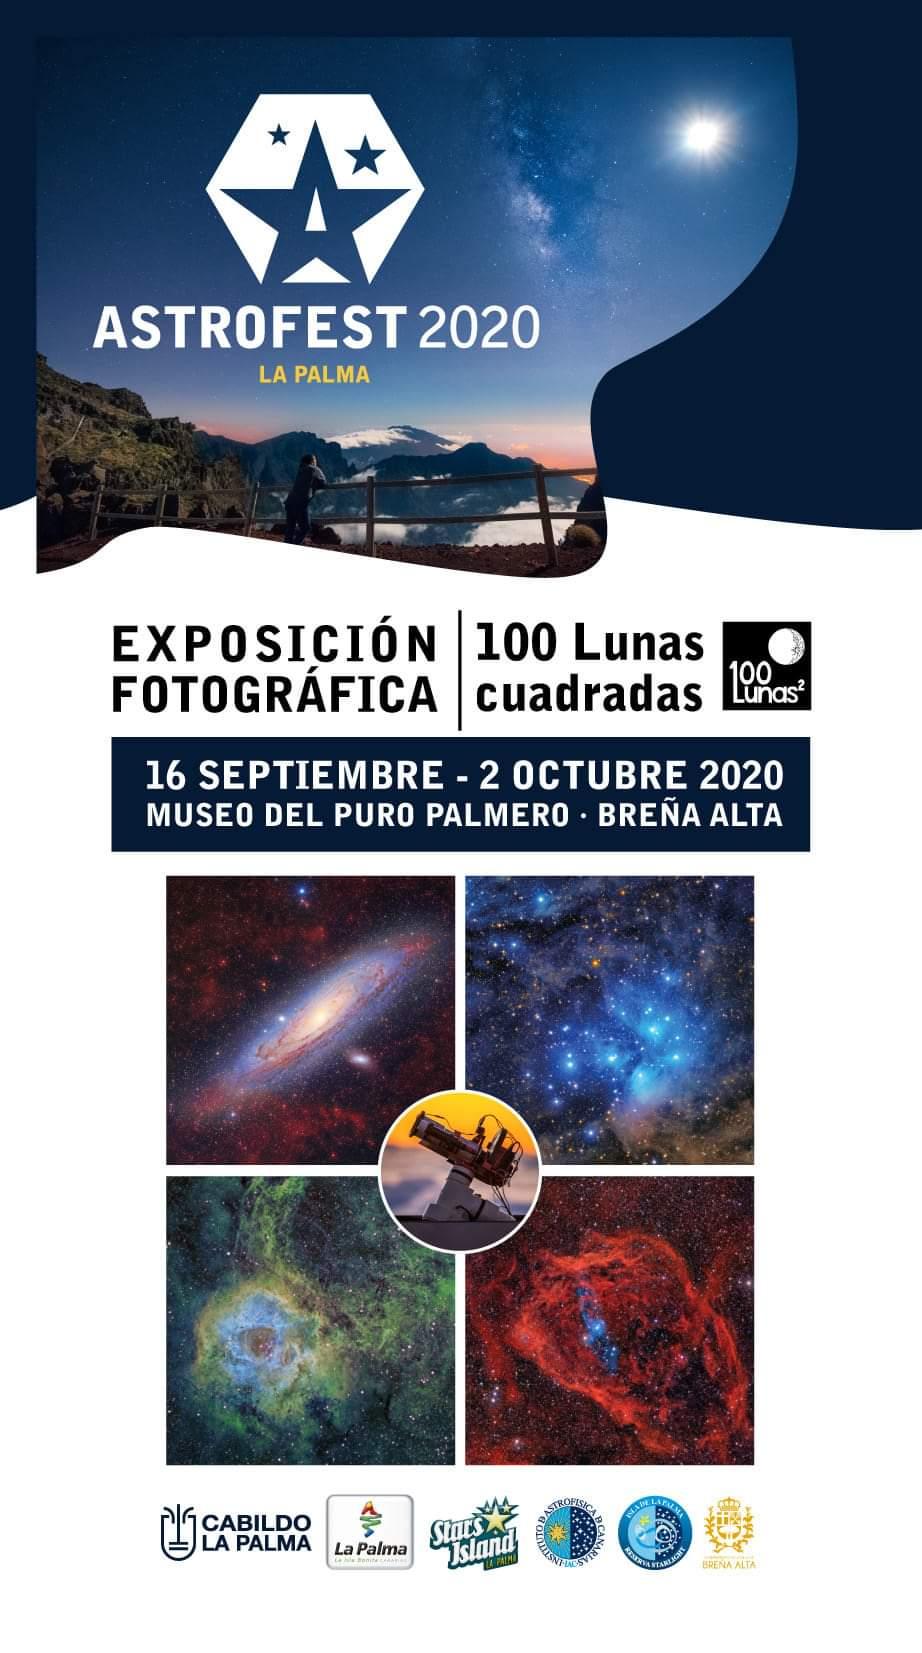 16-9---2-10-2020-exposicion-astrofest-museo-del-puro-la-palma